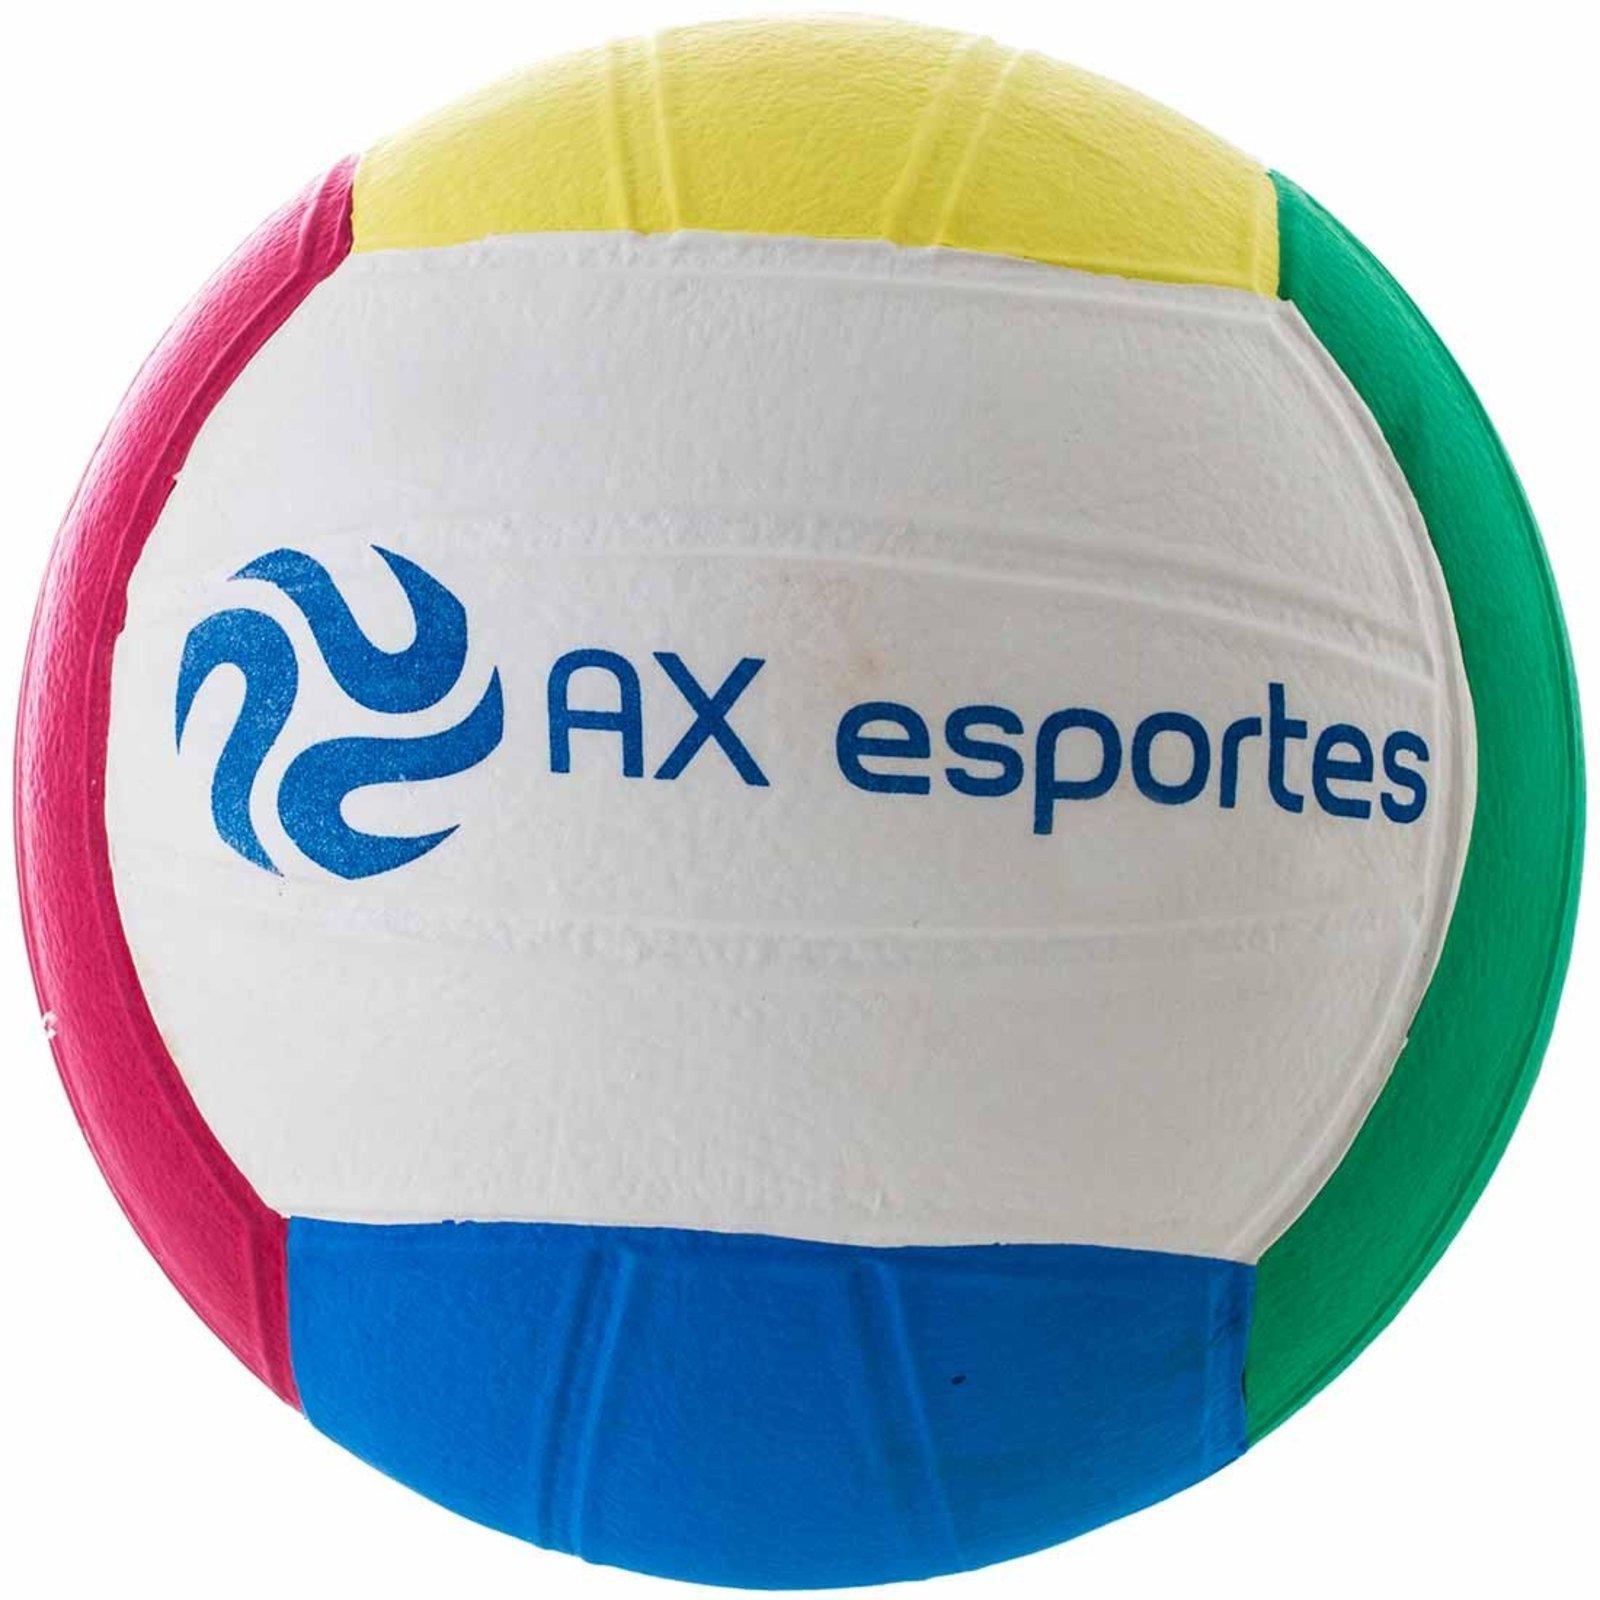 Bola de Vôlei Ax Esportes Em Eva Multicolorido - Compre Agora ... 1c1488df32a52